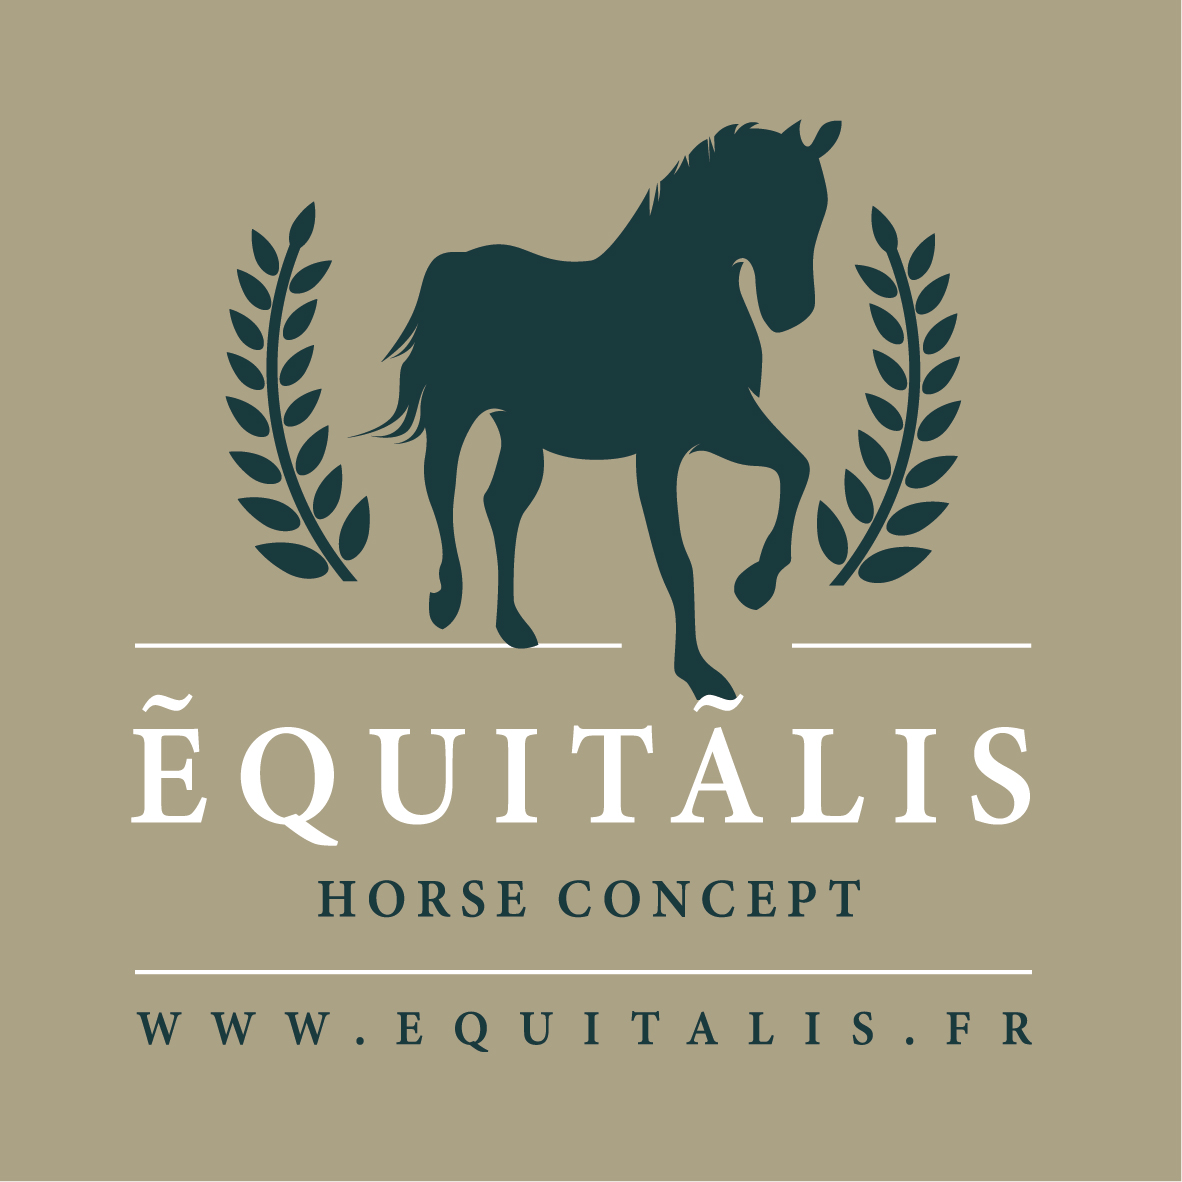 Equitalis